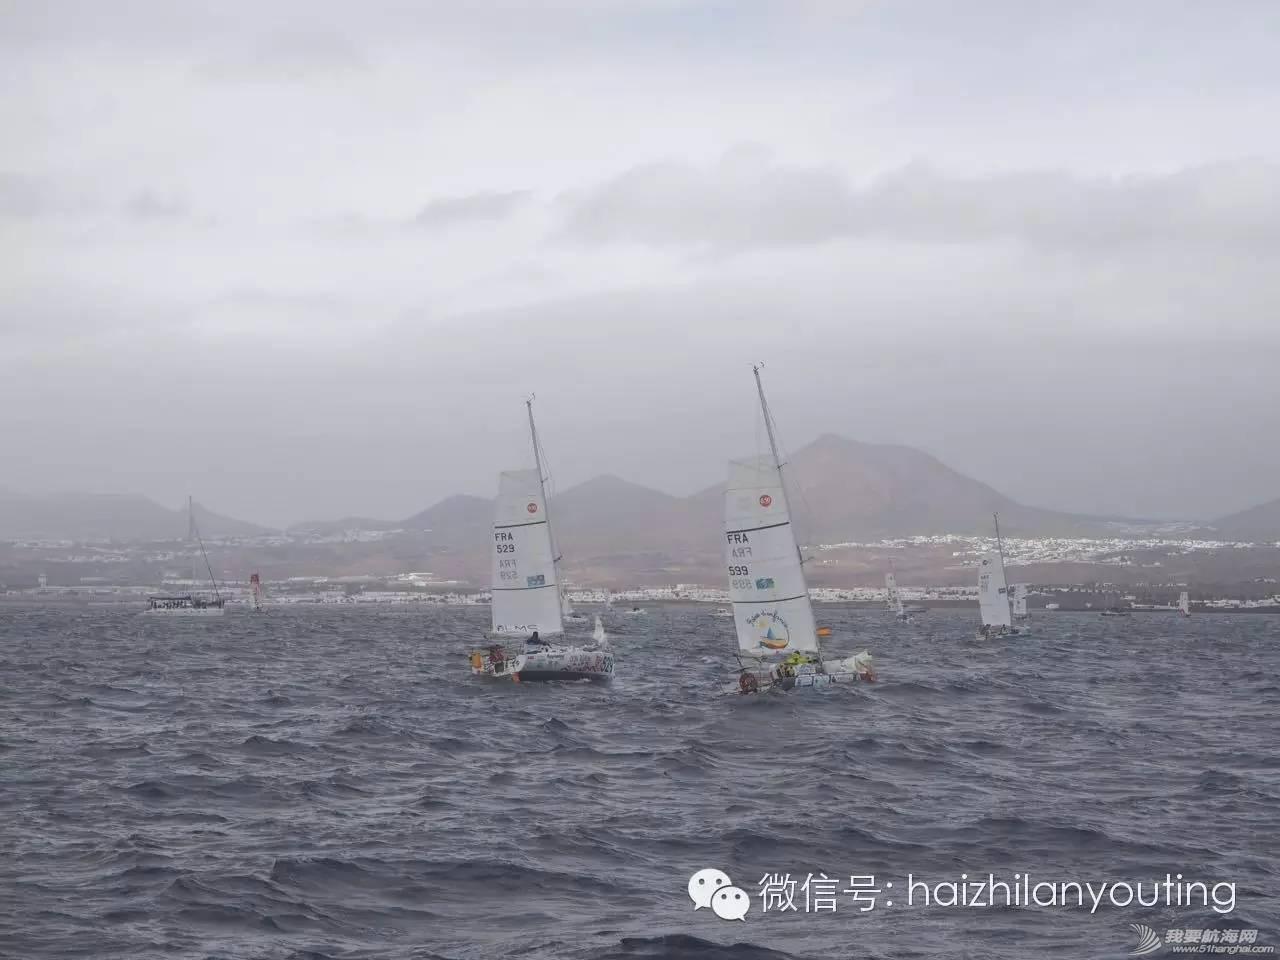 大西洋,中国海,朋友,决战 京坤在MINI TRANSAT | Mini transat第二赛段起航,决战大西洋 71aef0b760b929e942b815f01aadc423.jpg